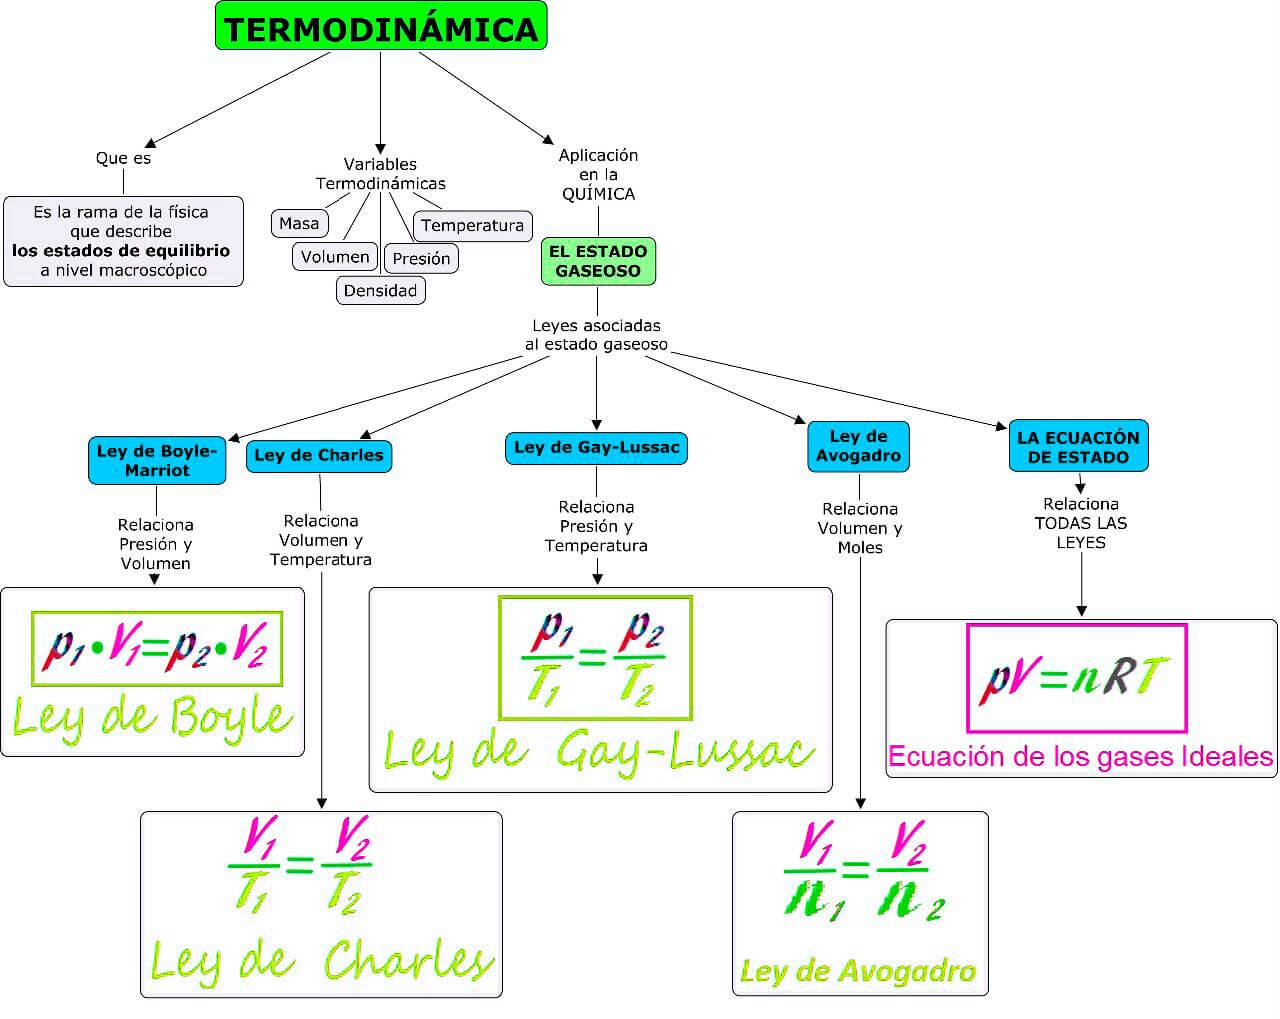 Mapa conceptual sobre Termodinámica